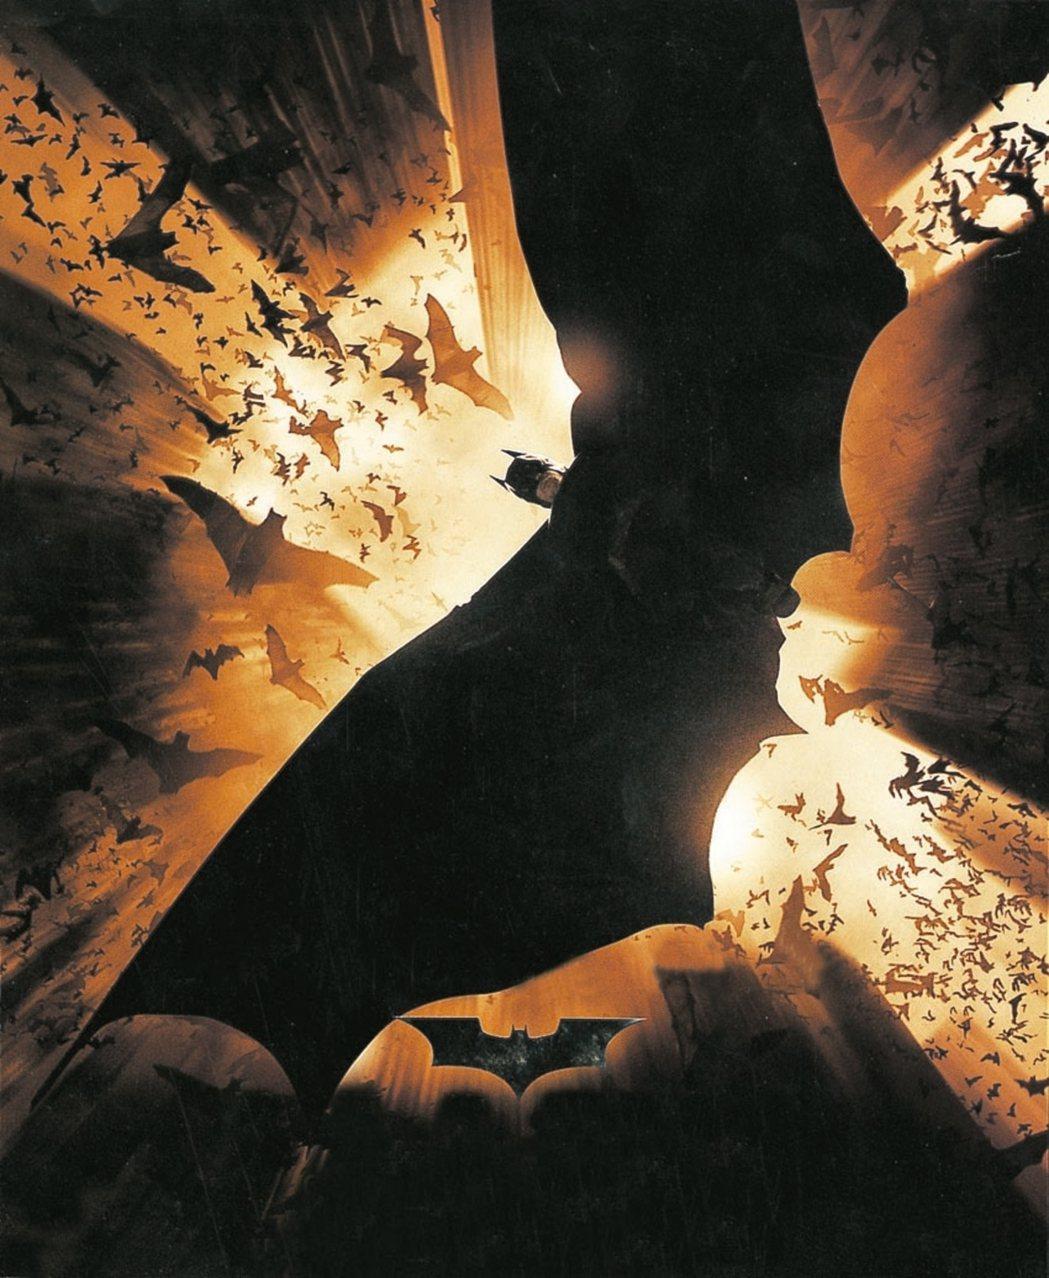 由克里斯多夫諾蘭執導的「黑暗騎士三部曲」將於5月底重返戲院。 圖/華納兄弟提供